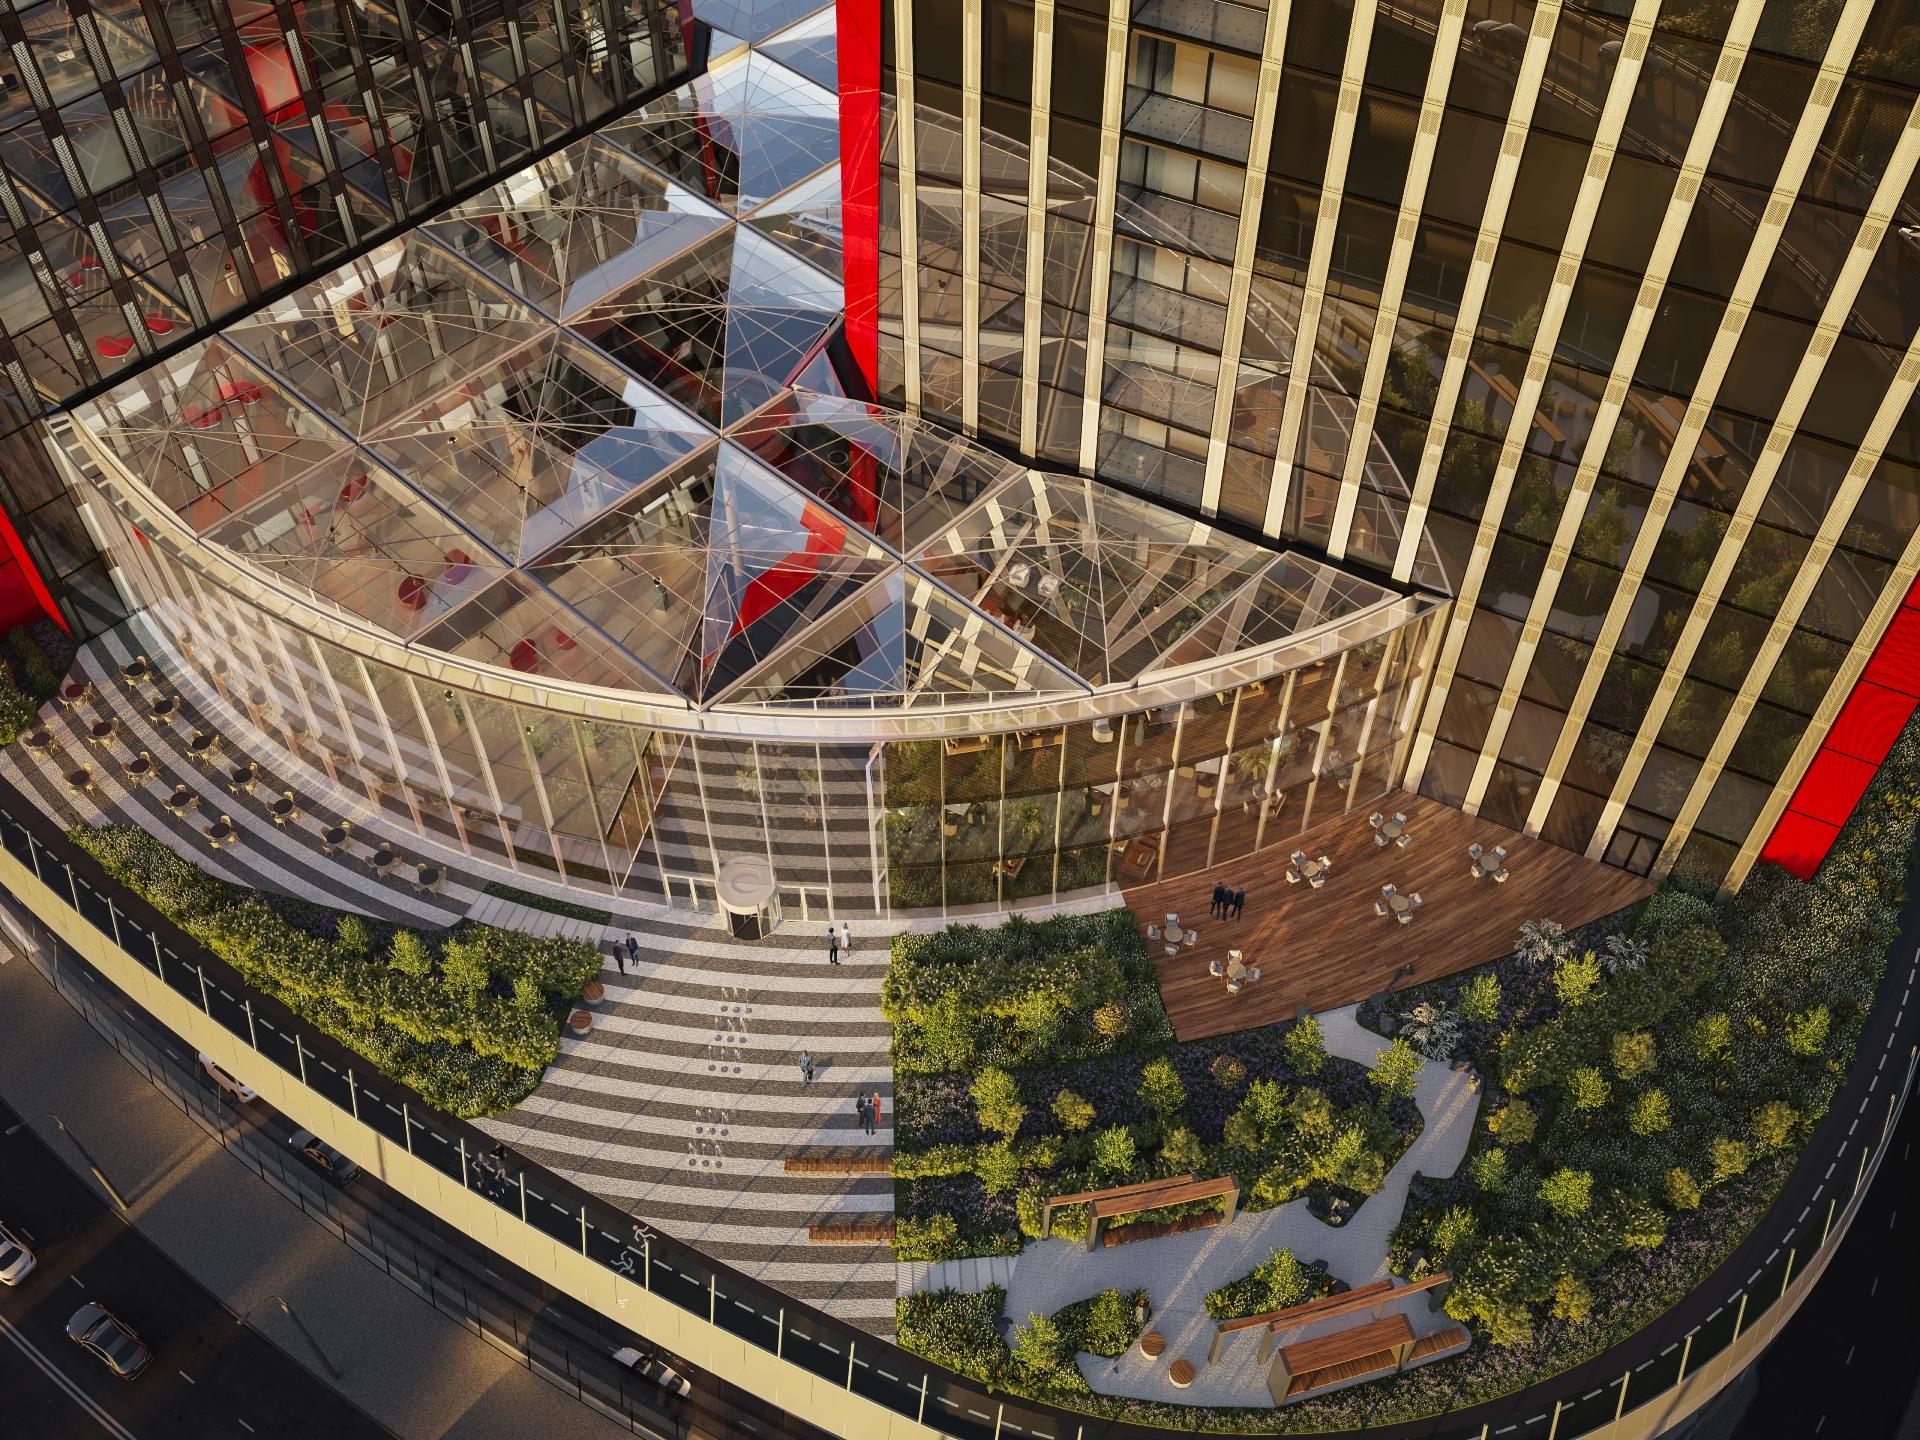 Архитектура бизнес-центра iCITY. Визуализация MR Group